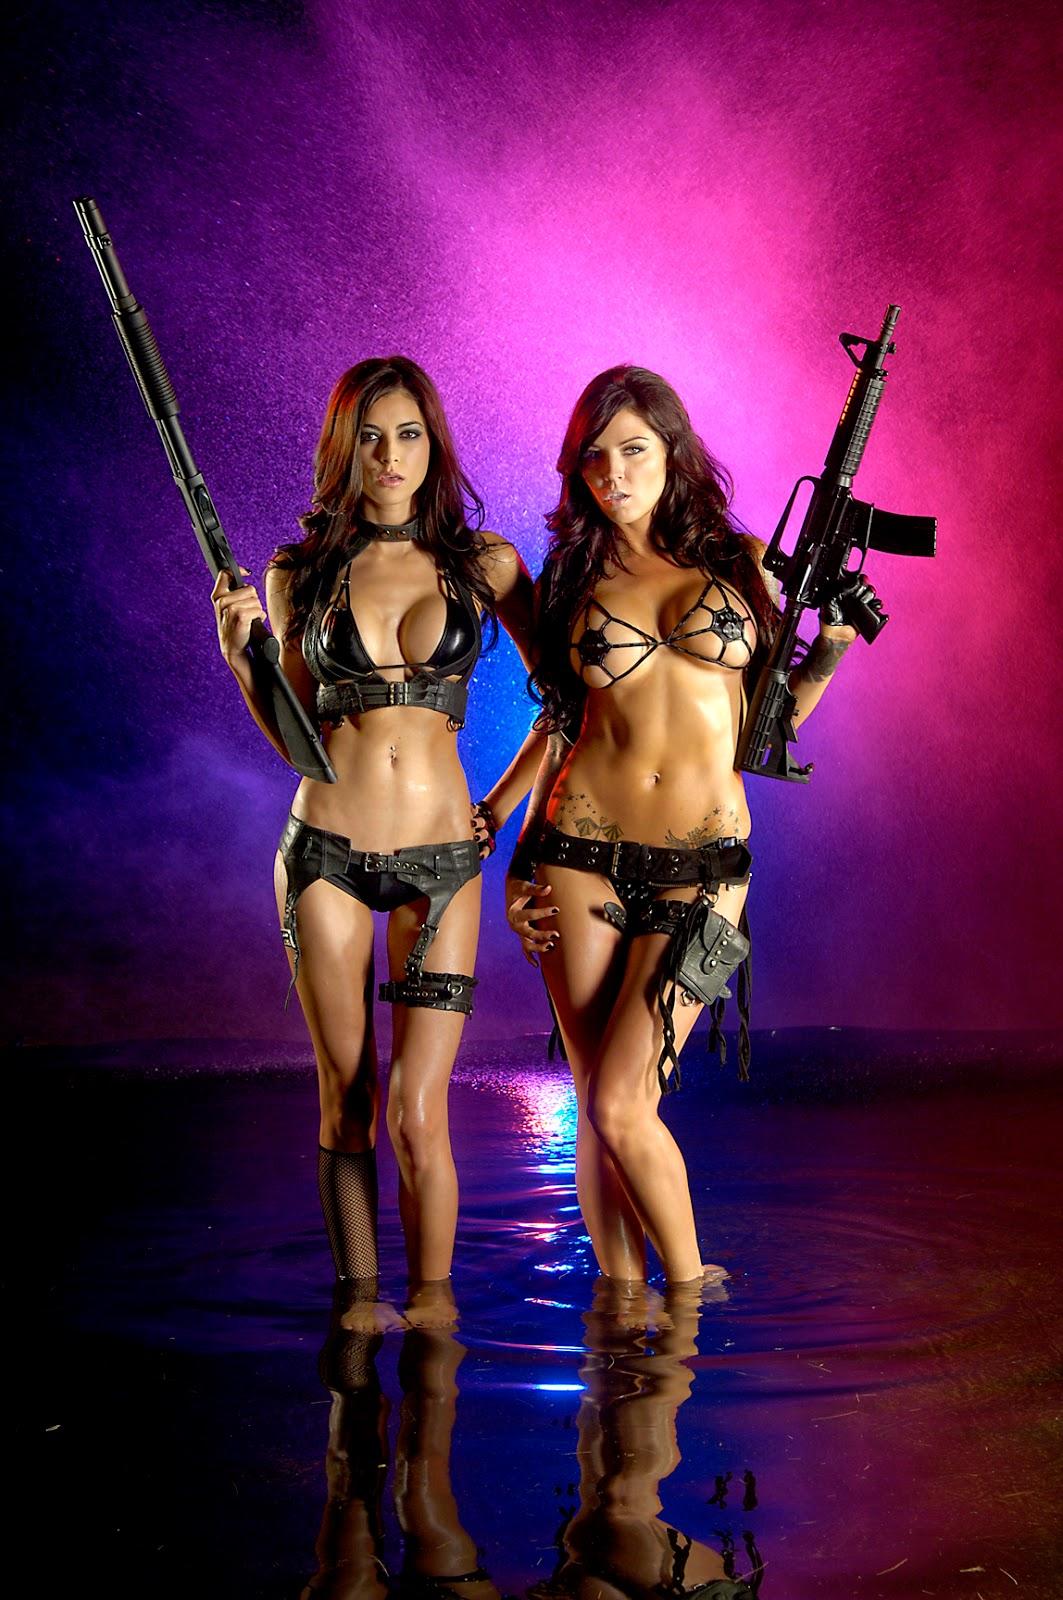 actiongirls.com скачать с фото девушек